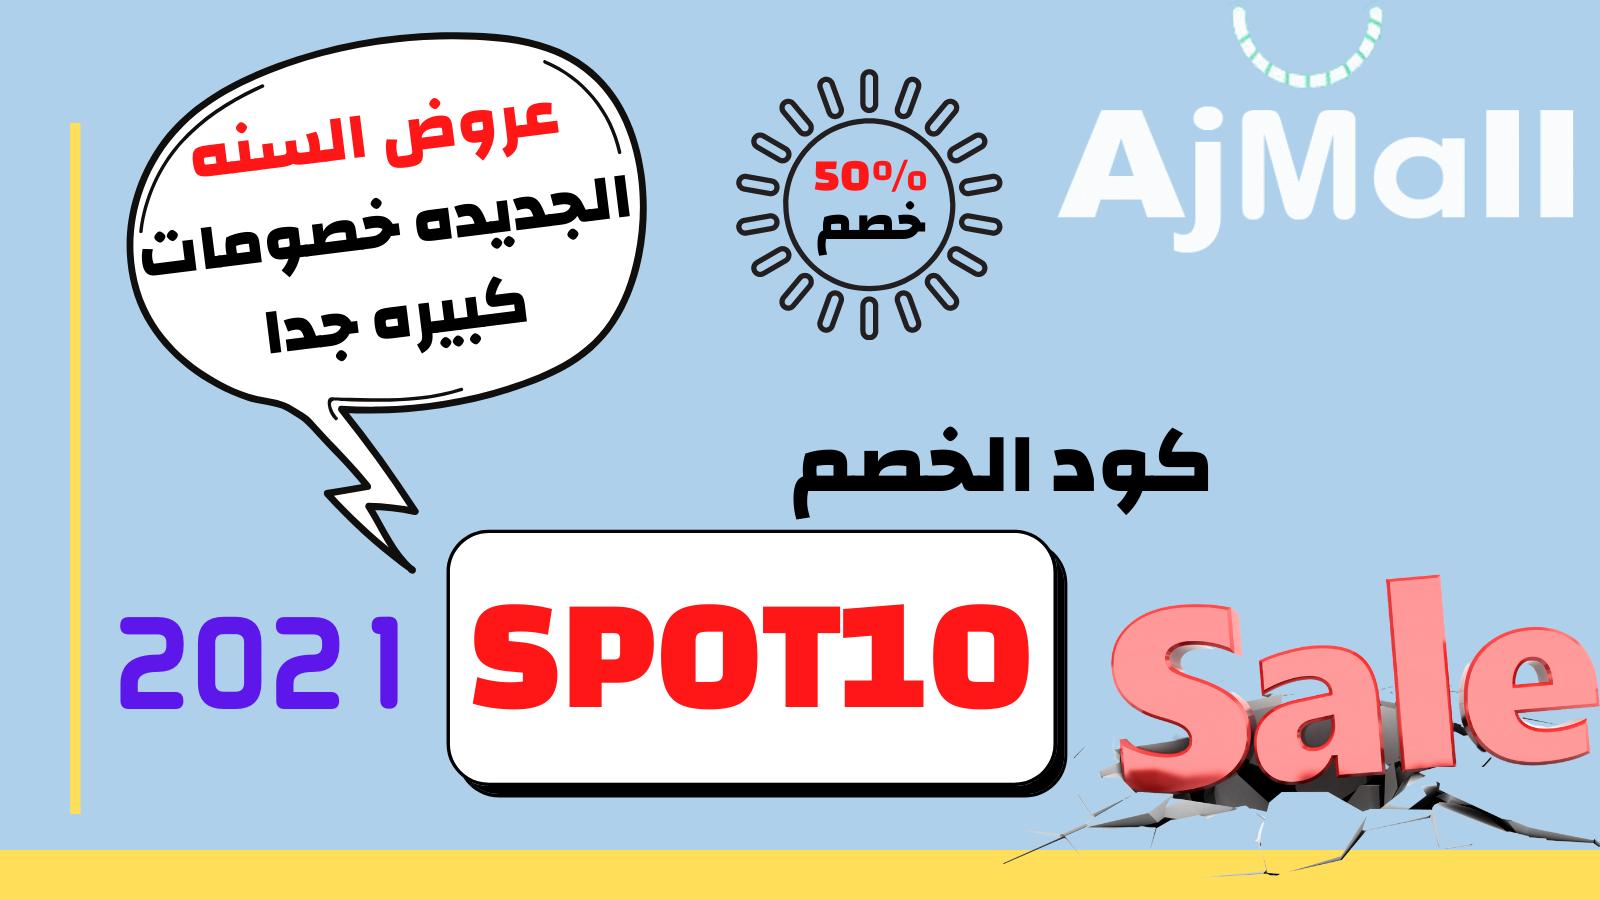 كود خصم Ajmall استمتع بأفضل تجربة شراء في الشرق الأوسط عند التسوق من خلال موقع اجمل حيث يوفر لك العديد من المنتجات الحصر In 2021 Coupon Codes Coding How To Get